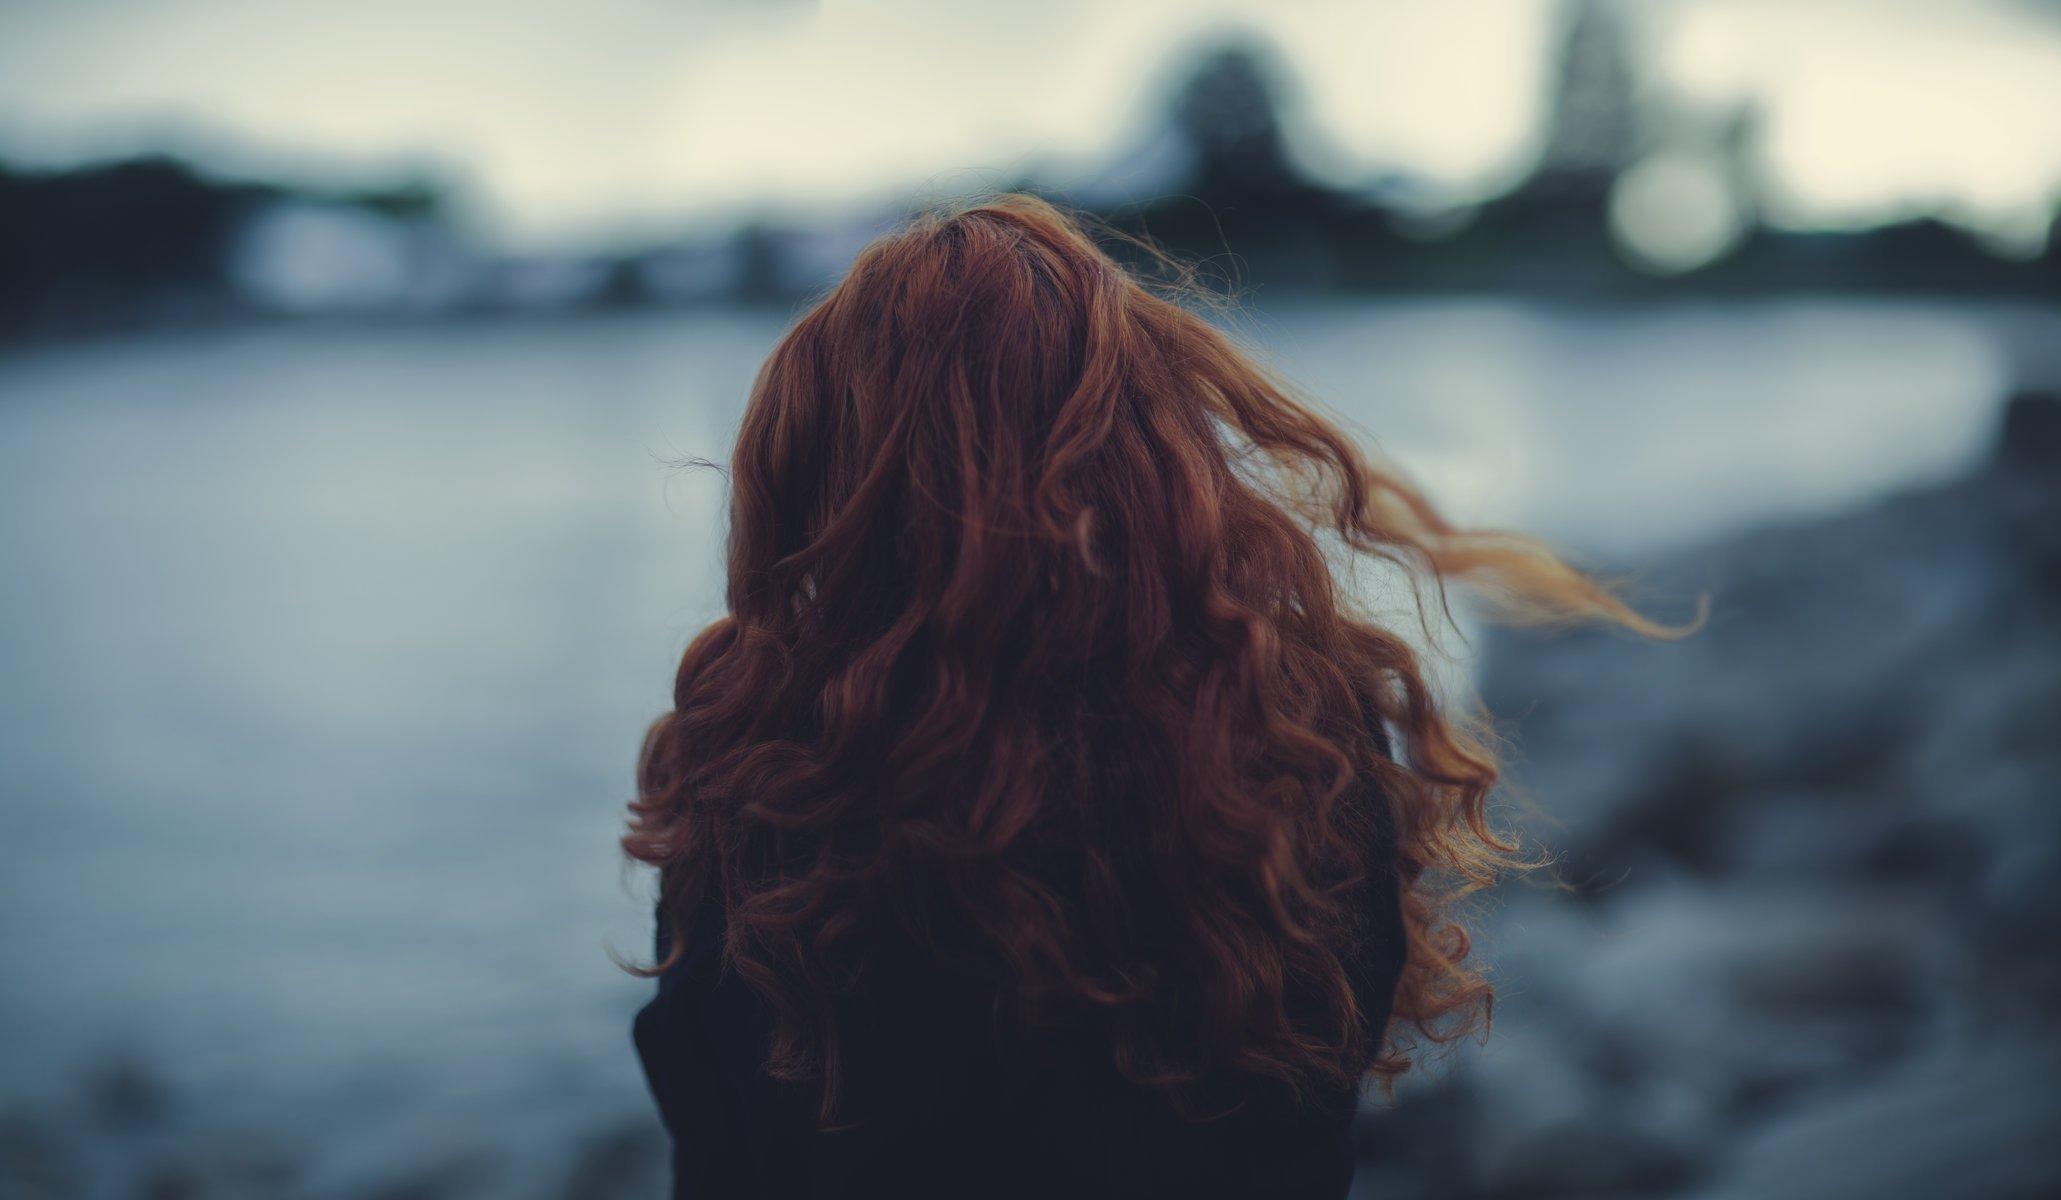 фотография красивой девушки рыжей со спины это сделал